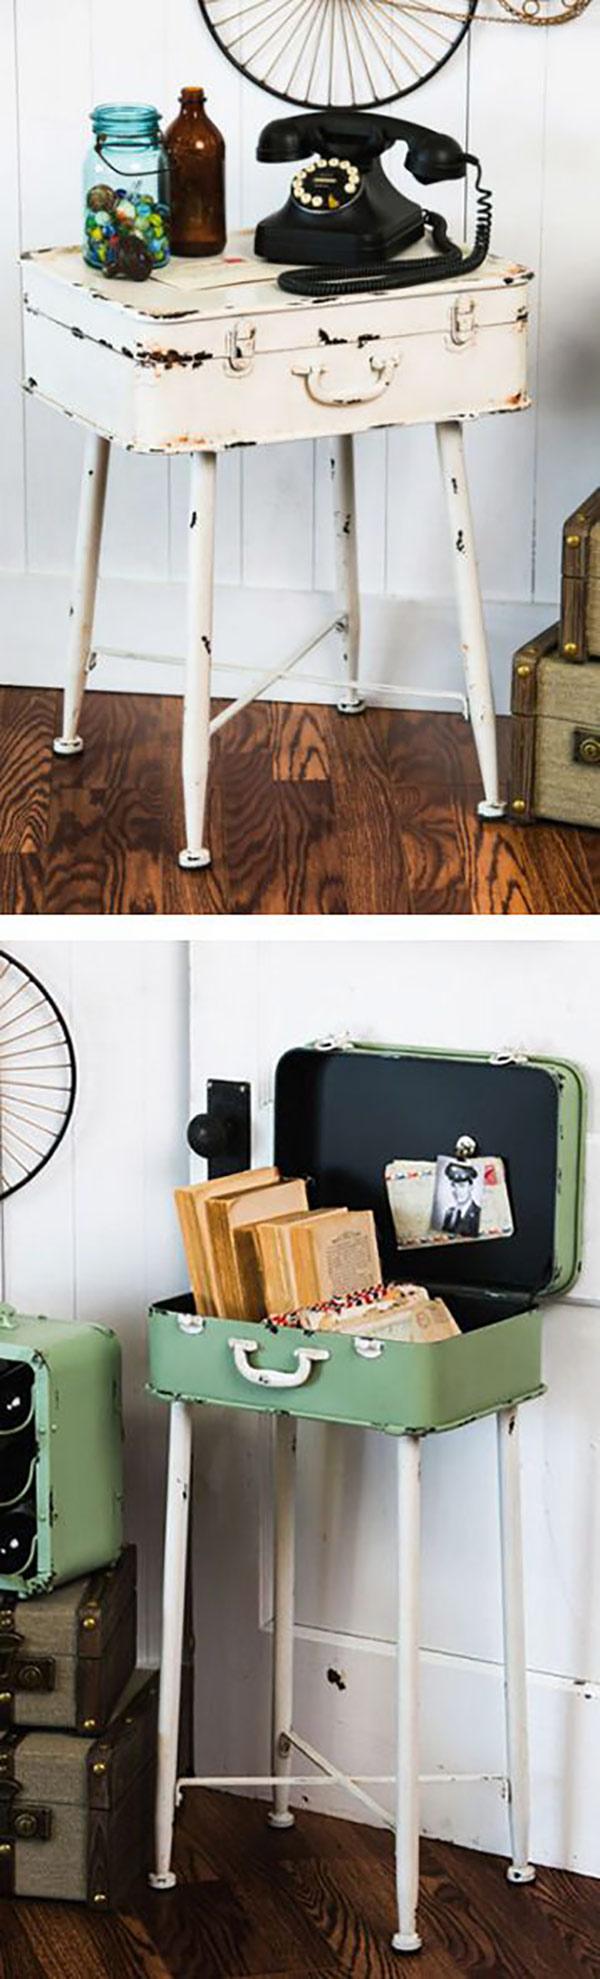 چمدان های قدیمی و کاربرد آنها